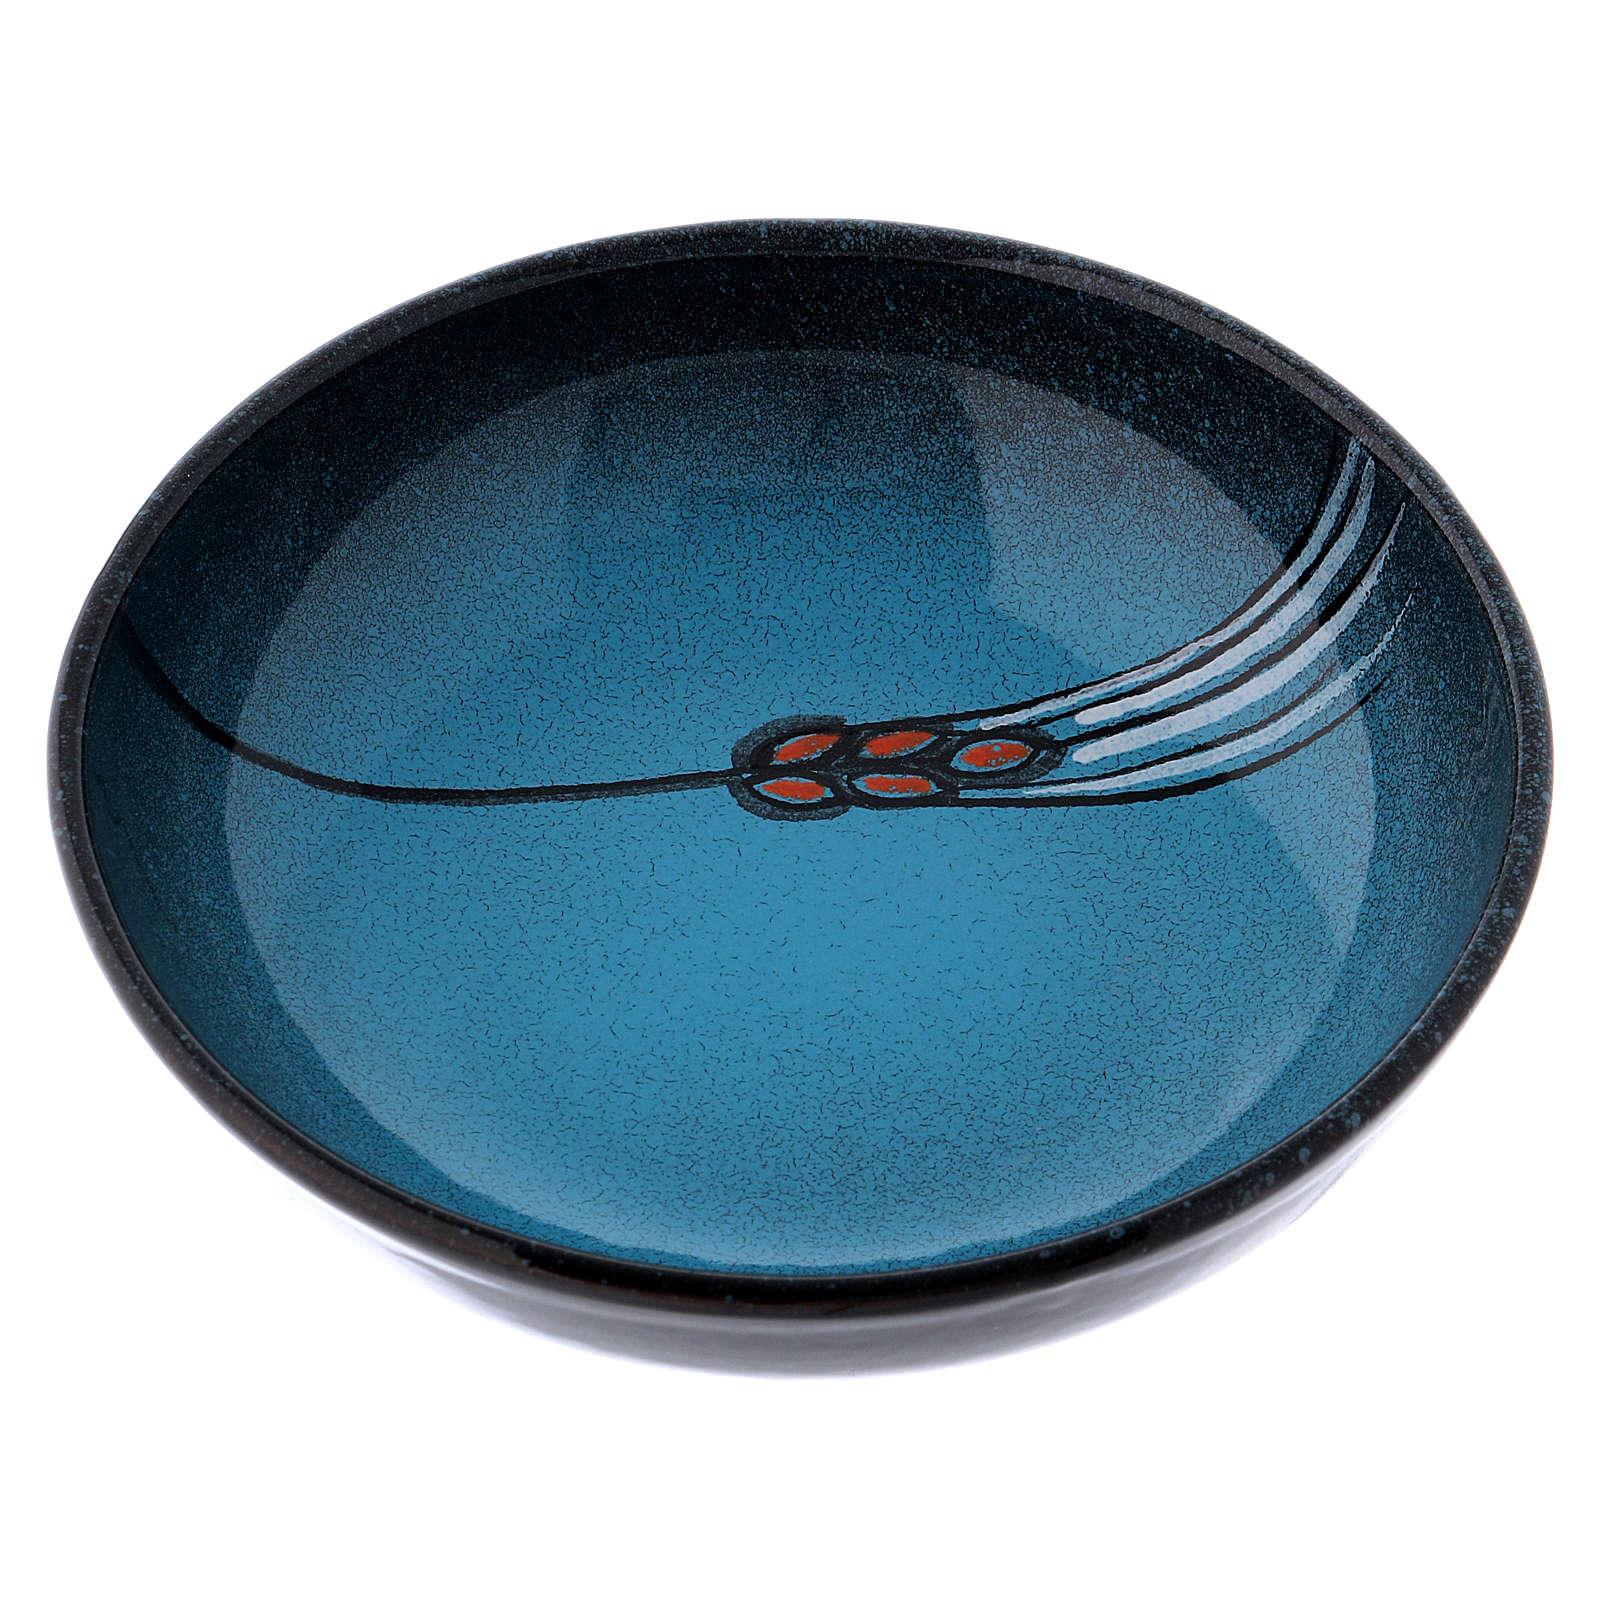 Patena ceramica diam cm 16 turchese 4